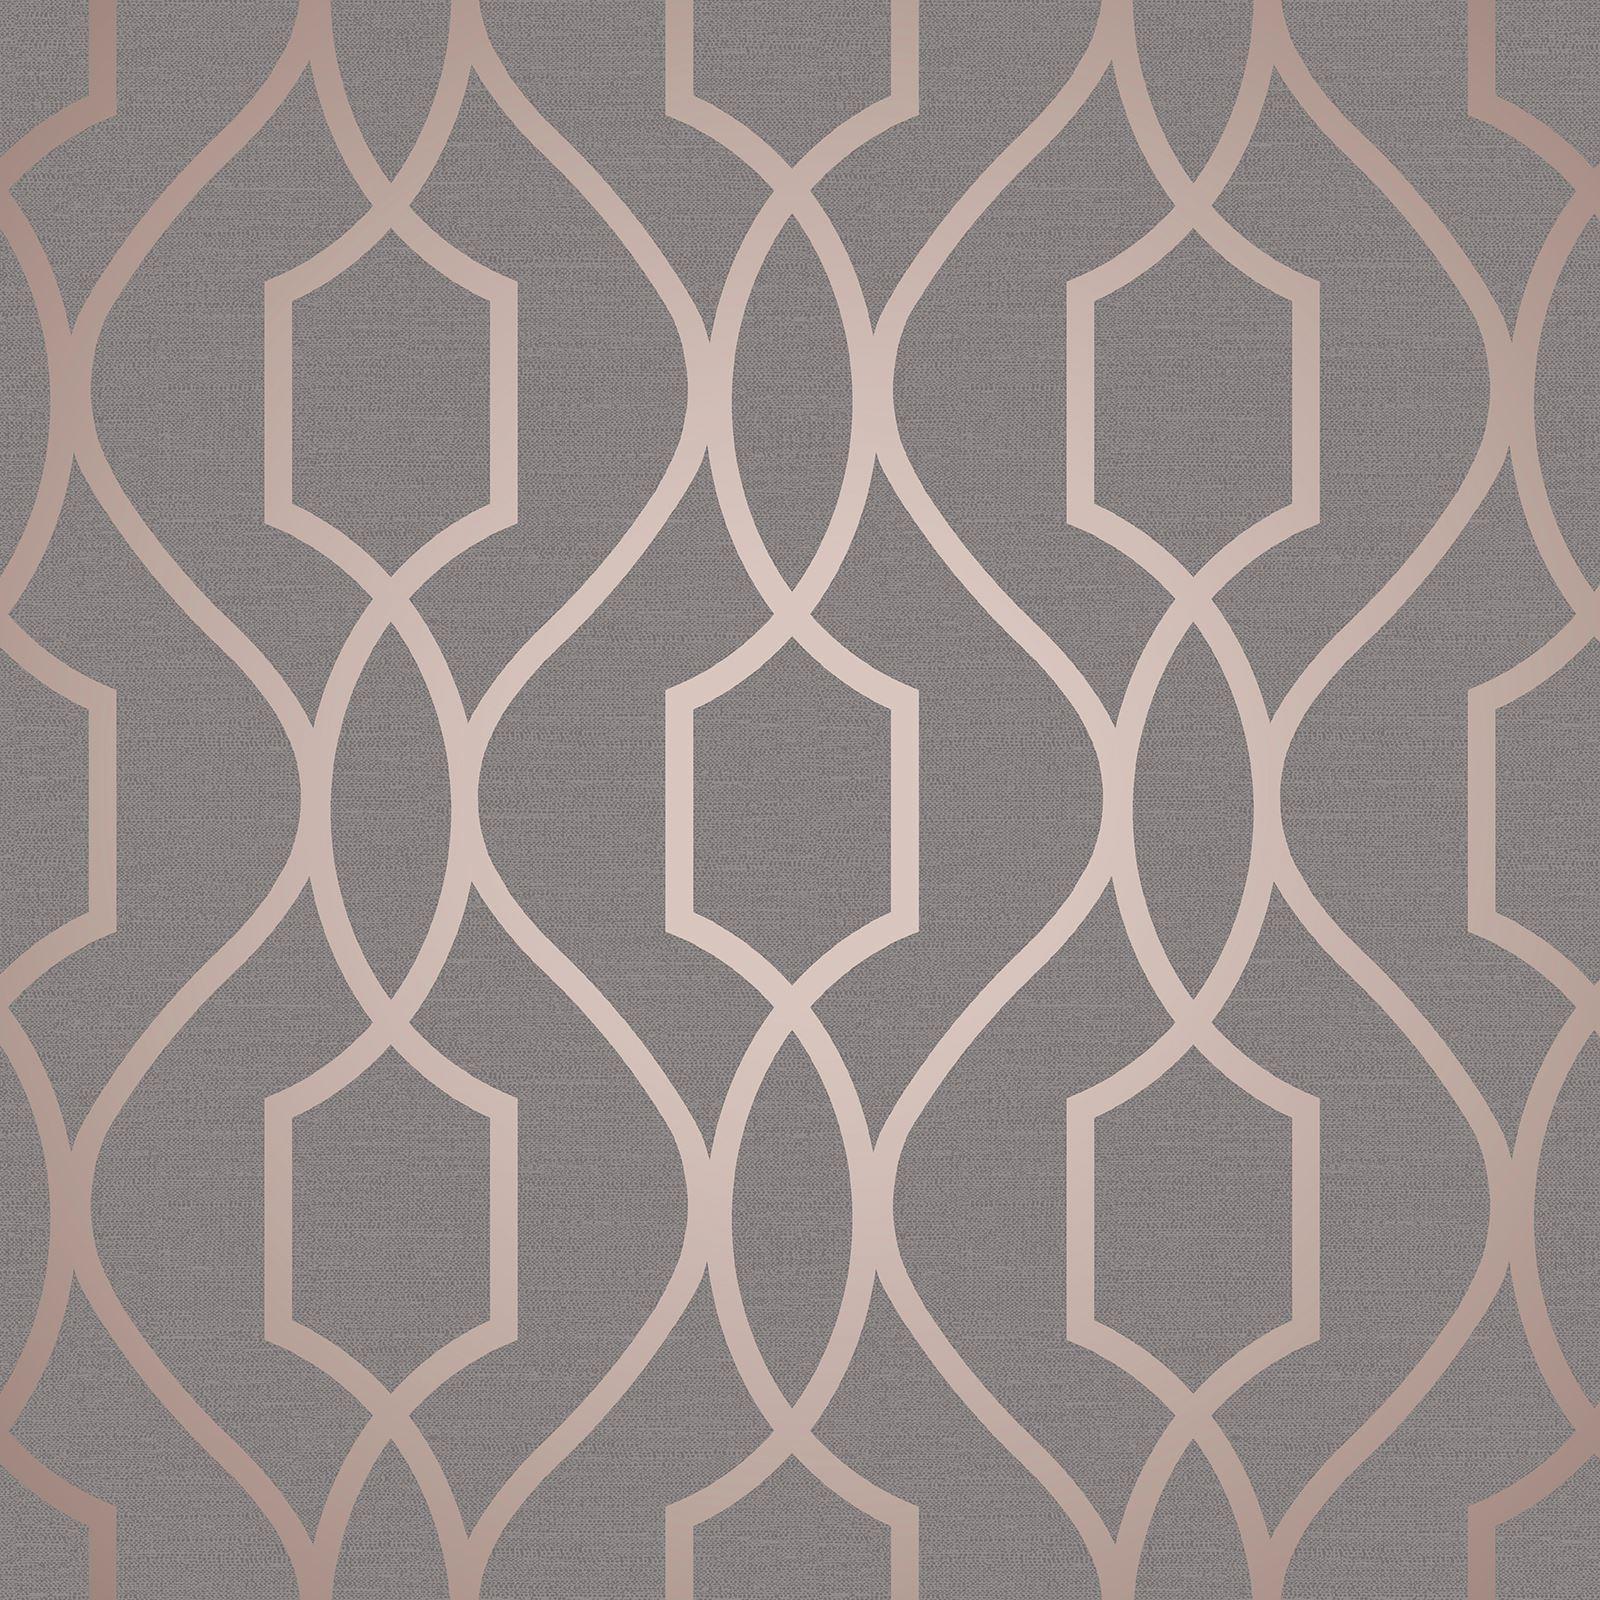 Geometrique Metalique Decoration Papier Peint Sommet Metro Dore